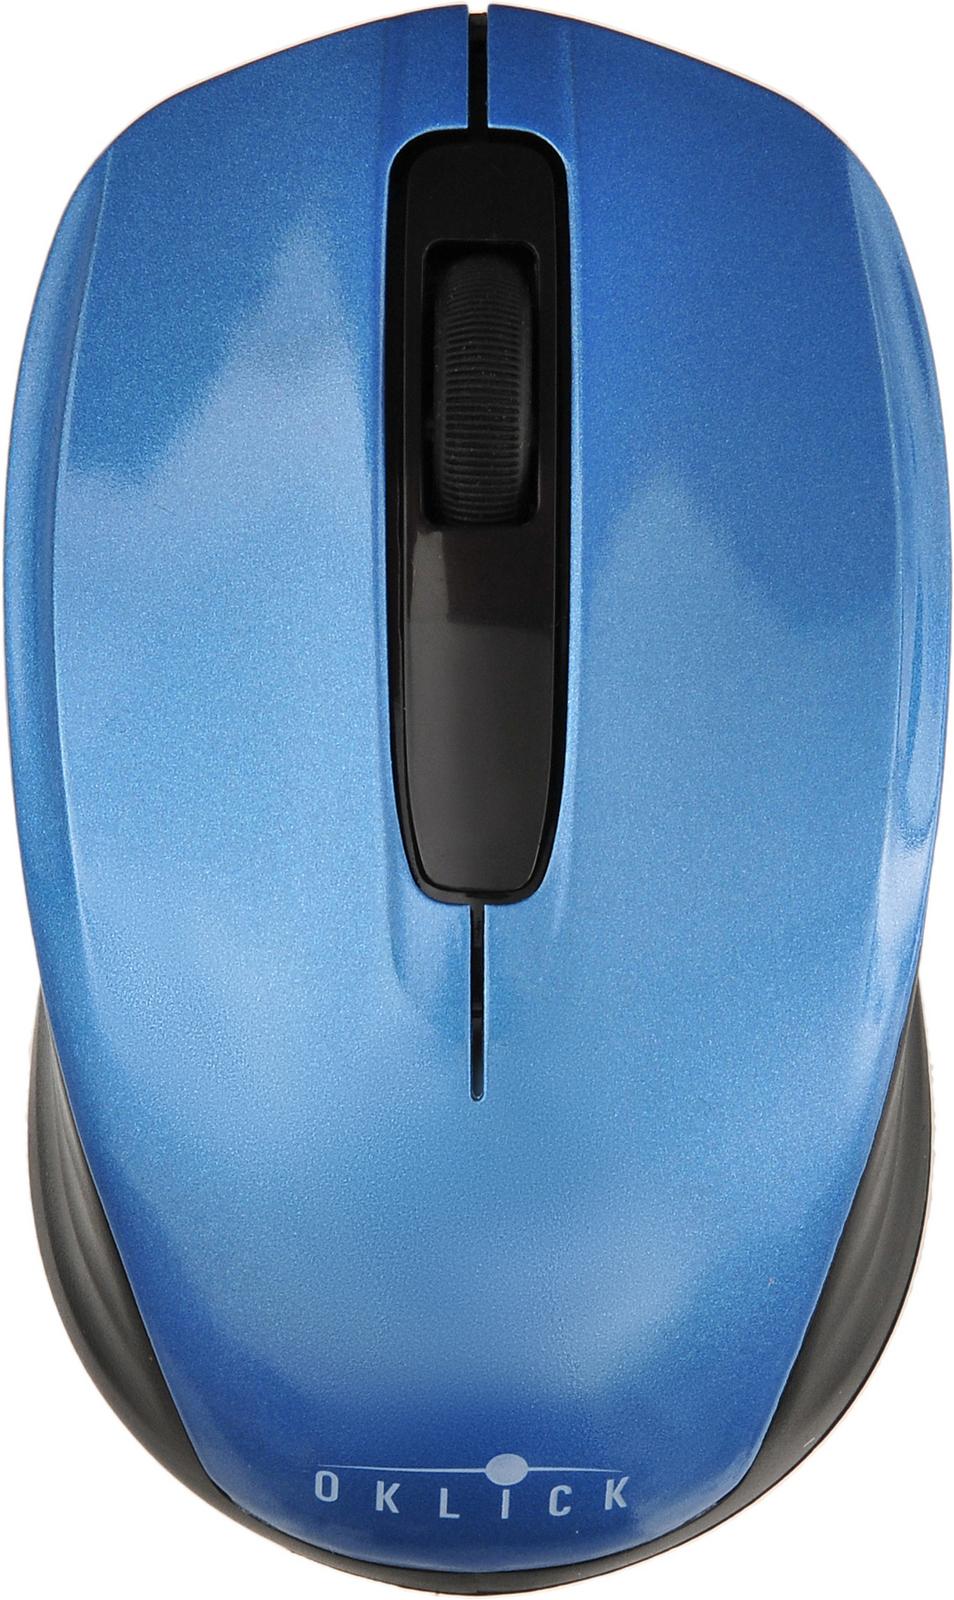 Мышь Oklick 475MW, черный, синий мышь беспроводная oklick 525mw красный